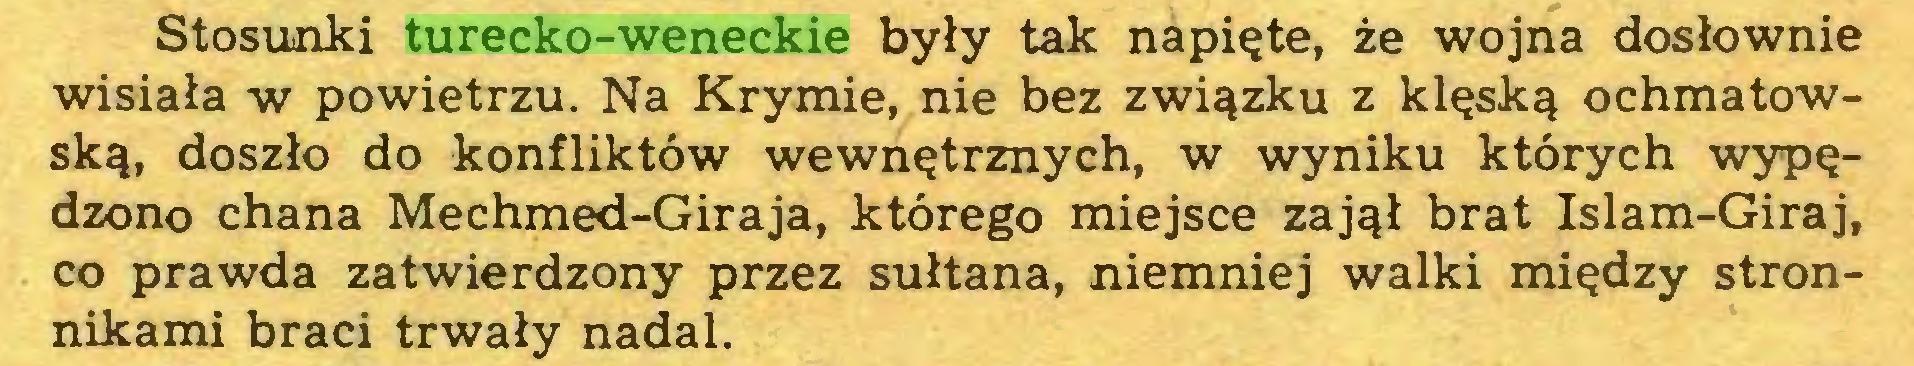 (...) Stosunki turecko-weneckie były tak napięte, że wojna dosłownie wisiała w powietrzu. Na Krymie, nie bez związku z klęską ochmatowską, doszło do konfliktów wewnętrznych, w wyniku których wypędzono chana Mechmed-Giraja, którego miejsce zajął brat Islam-Giraj, co prawda zatwierdzony przez sułtana, niemniej walki między stronnikami braci trwały nadal...